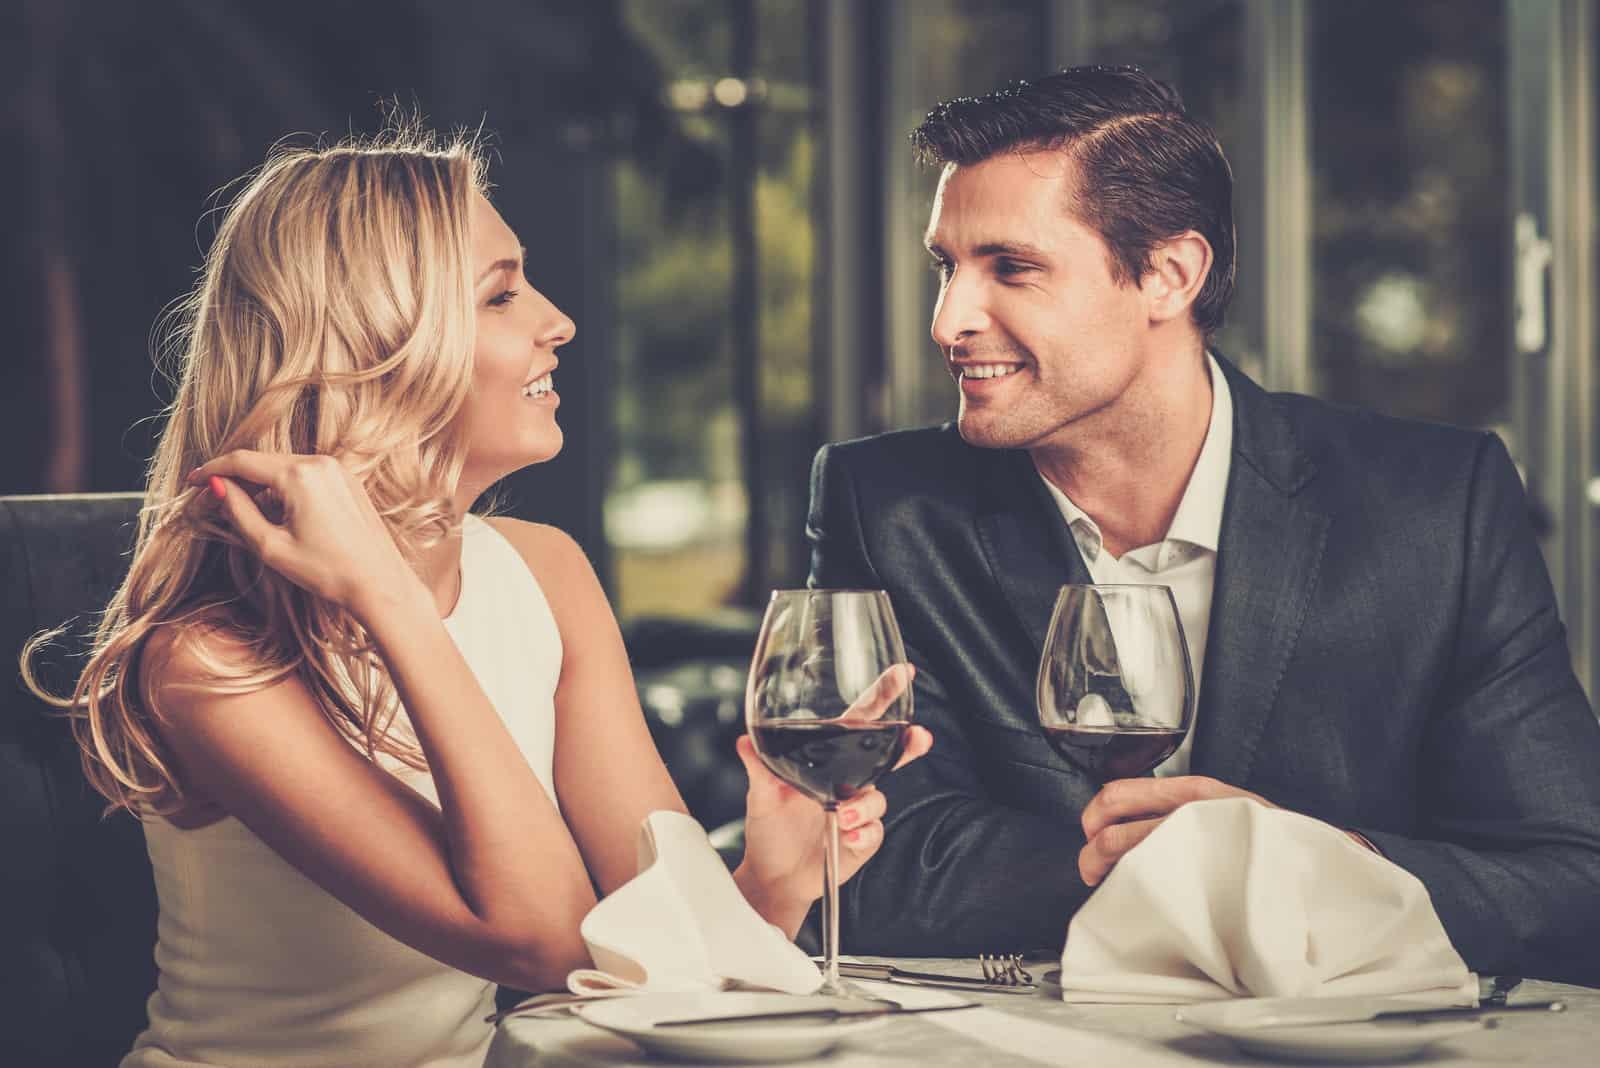 un homme et une femme boivent du vin et rient